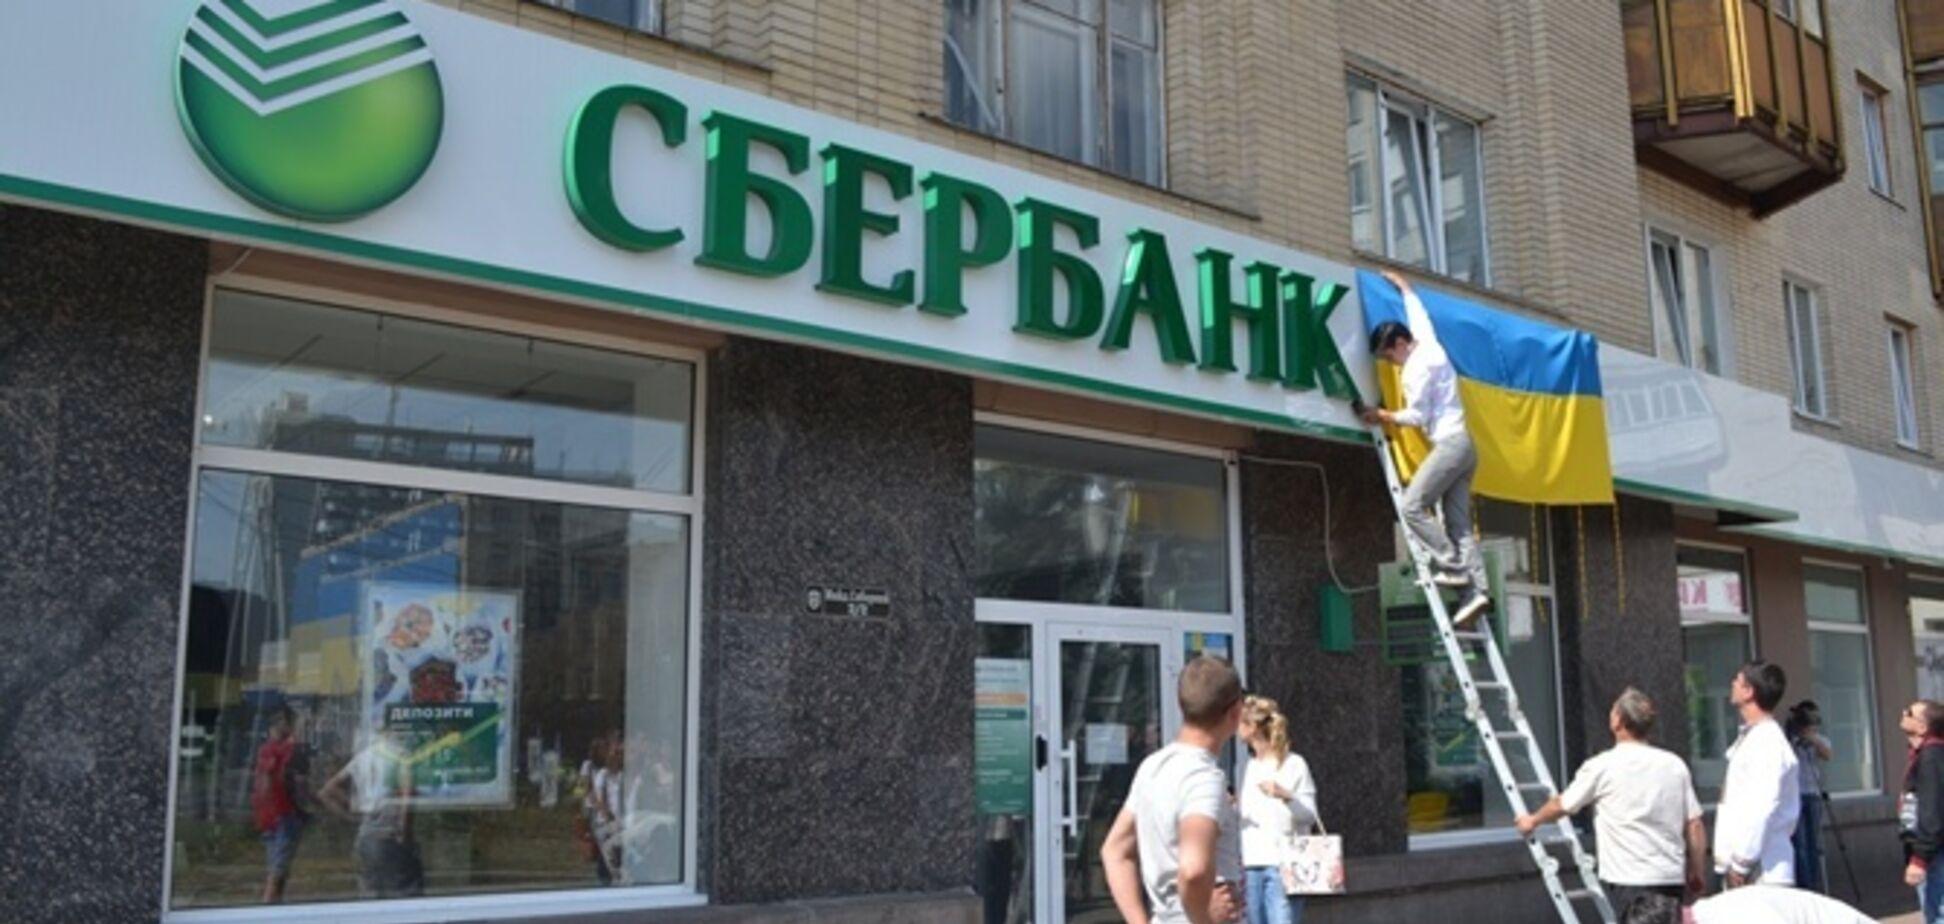 Їх змусять піти: російським банкам в Україні напророкували сумне майбутнє